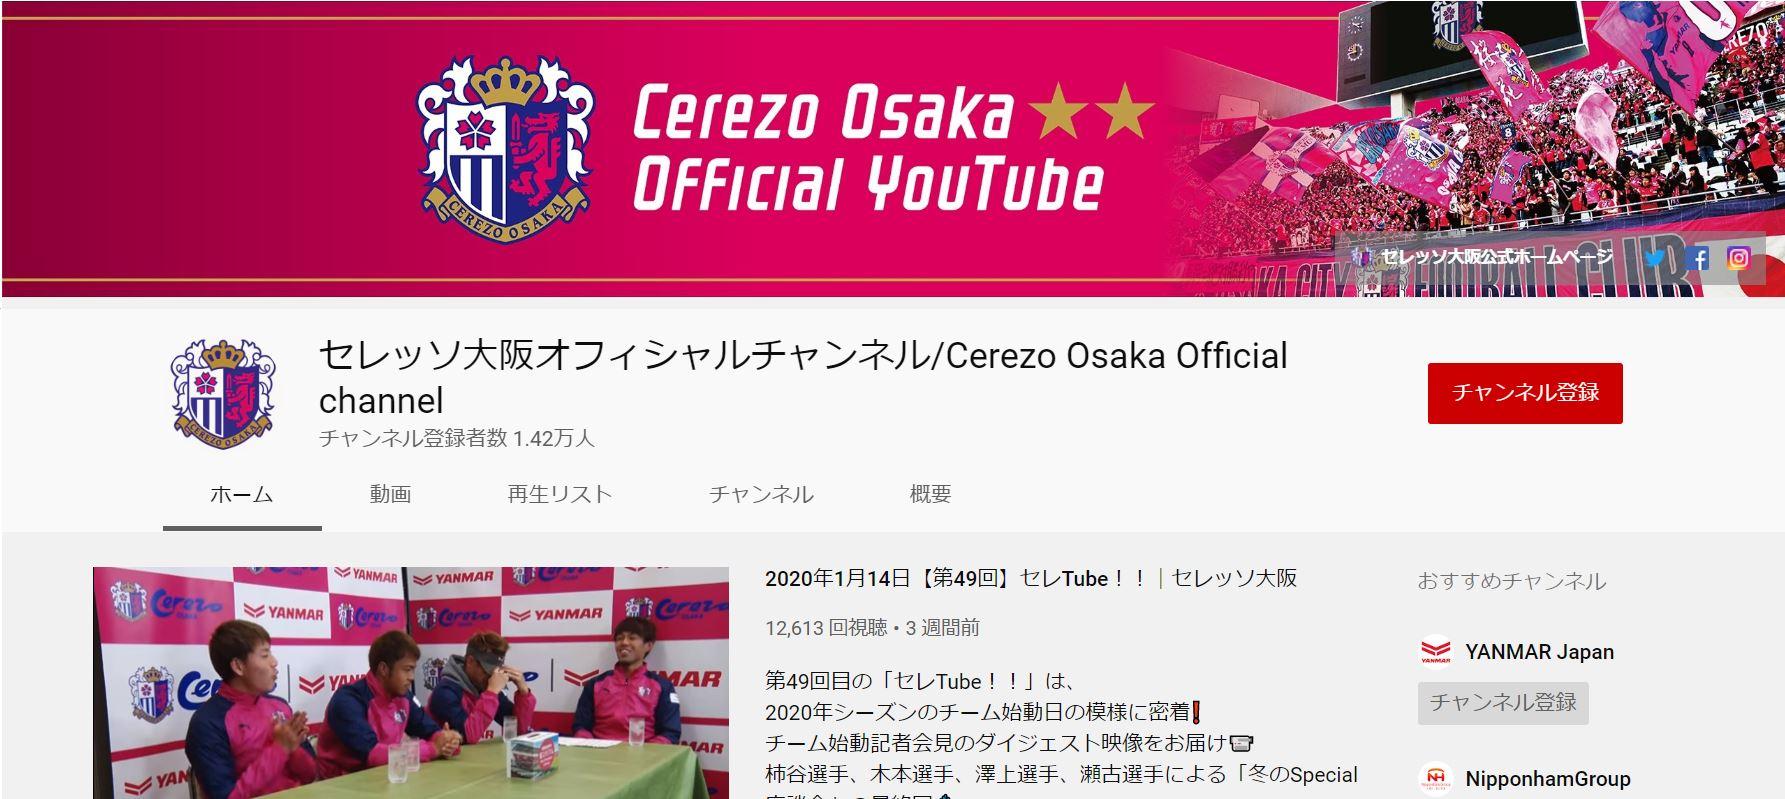 セレッソ大阪公式YouTube